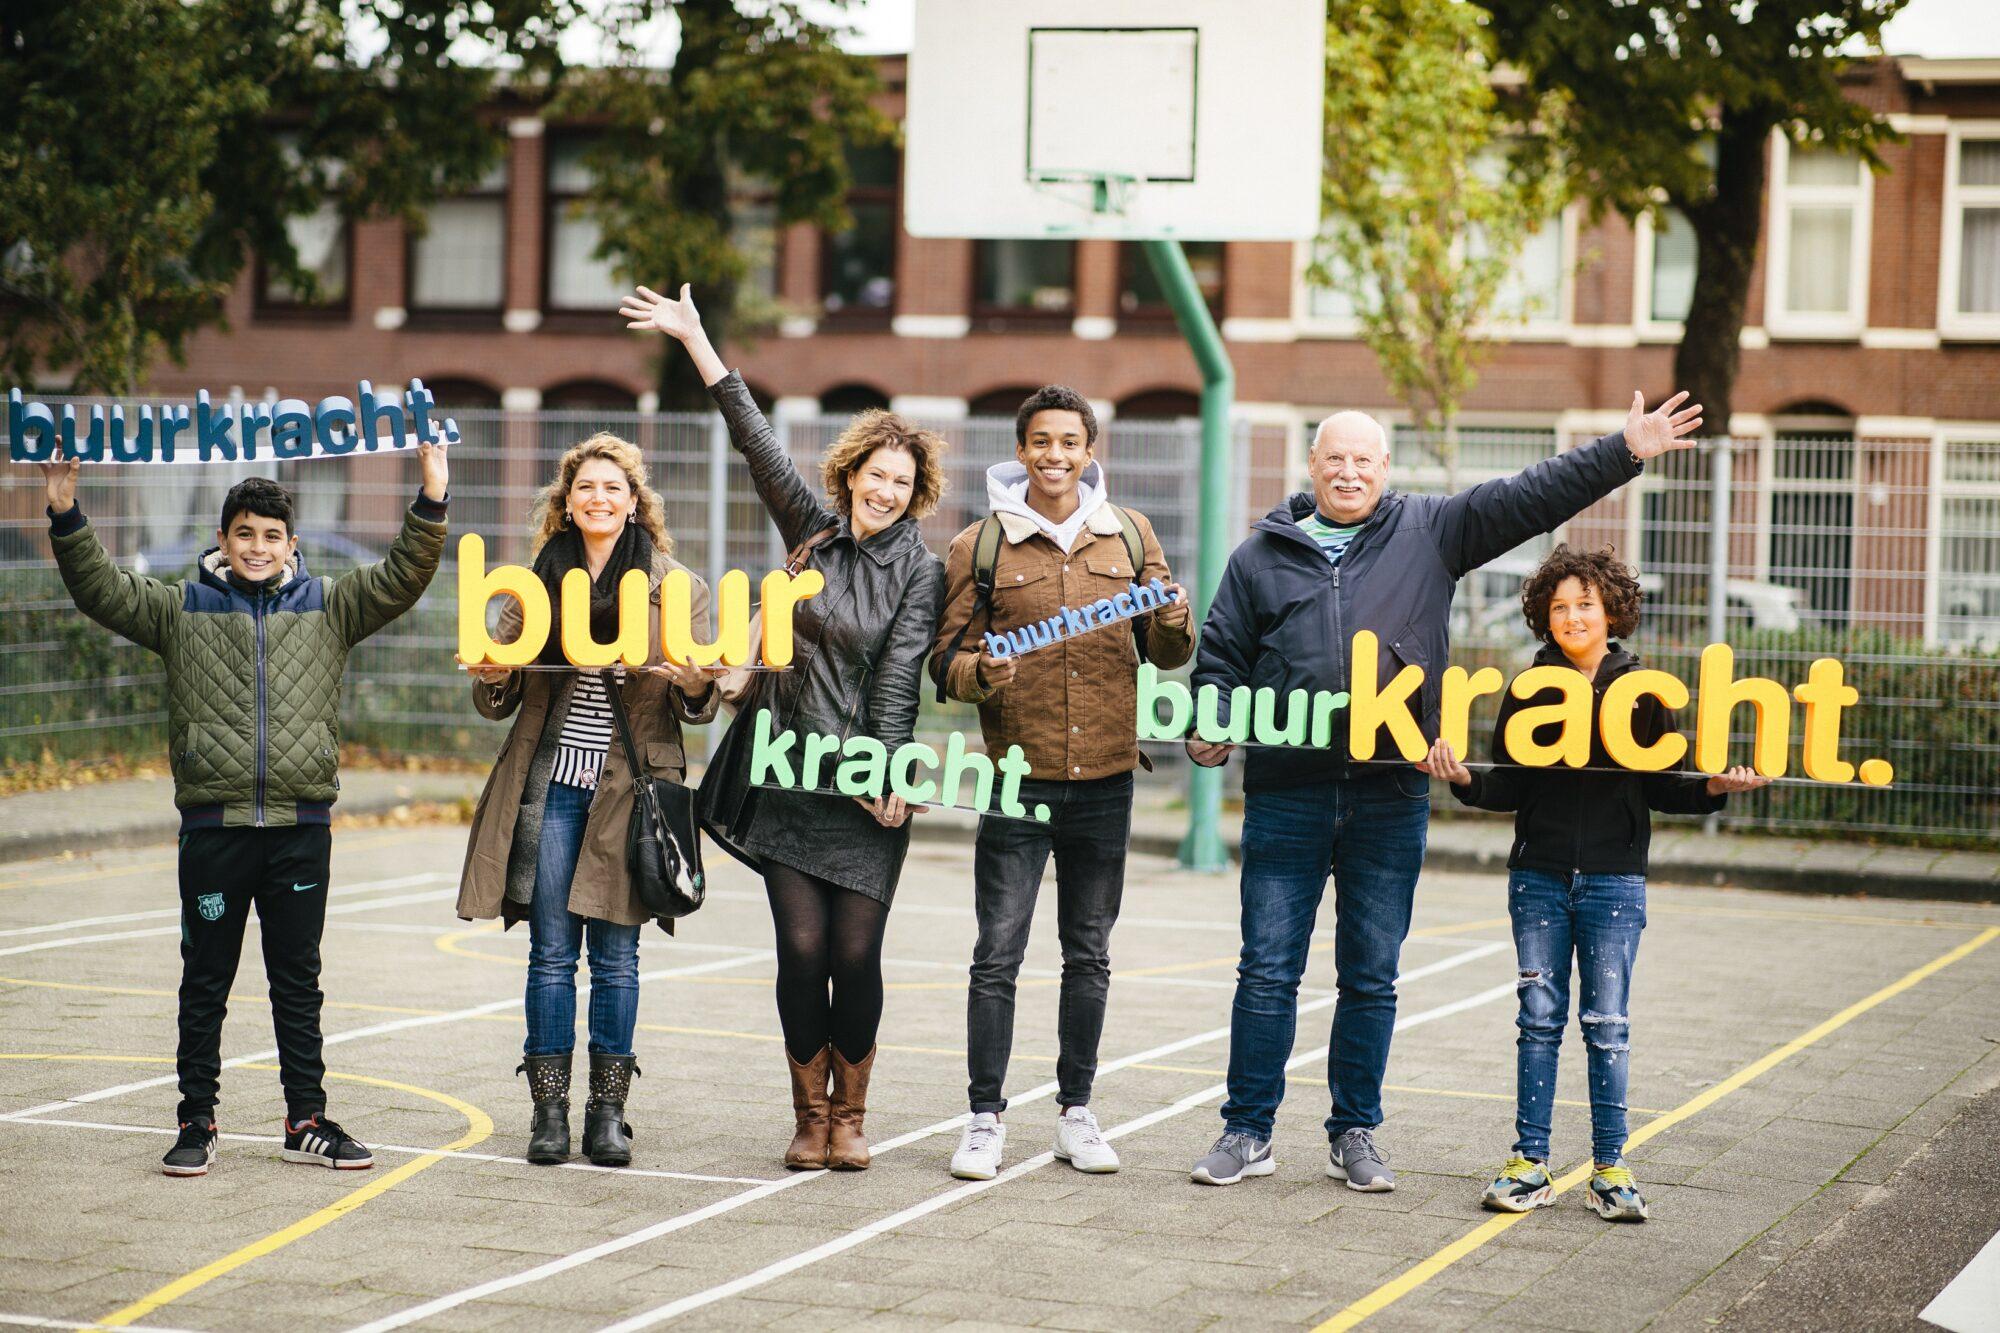 Stichting Buurkracht: 'Regel iets leuks voor in je buurt'